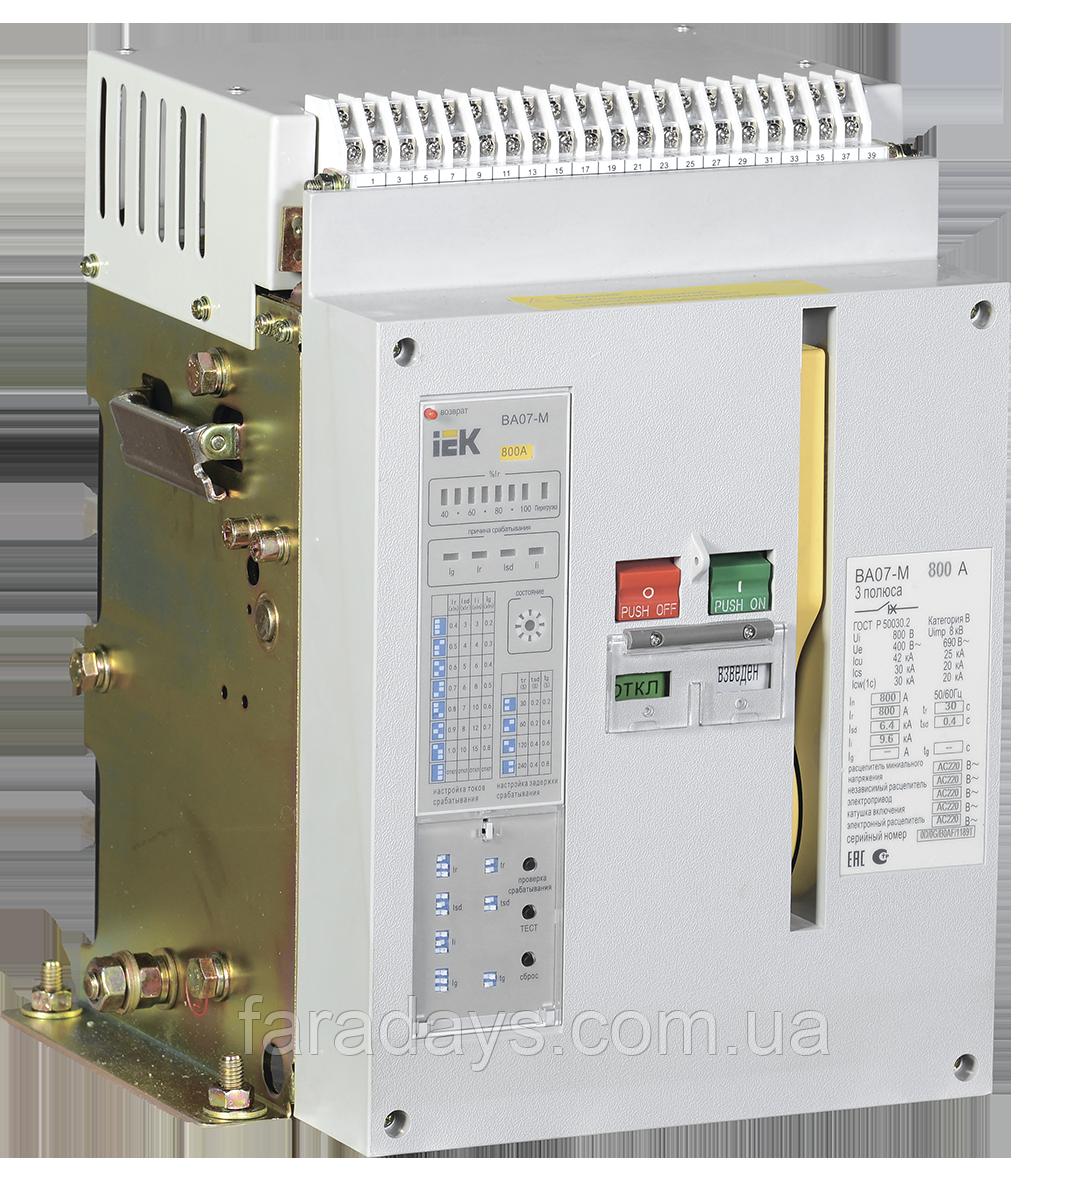 Автоматичний вимикач 3р, 42kA, 800А (ВА07-М IEK) з комбінованим розчіплювачем, стаціонарне виконання